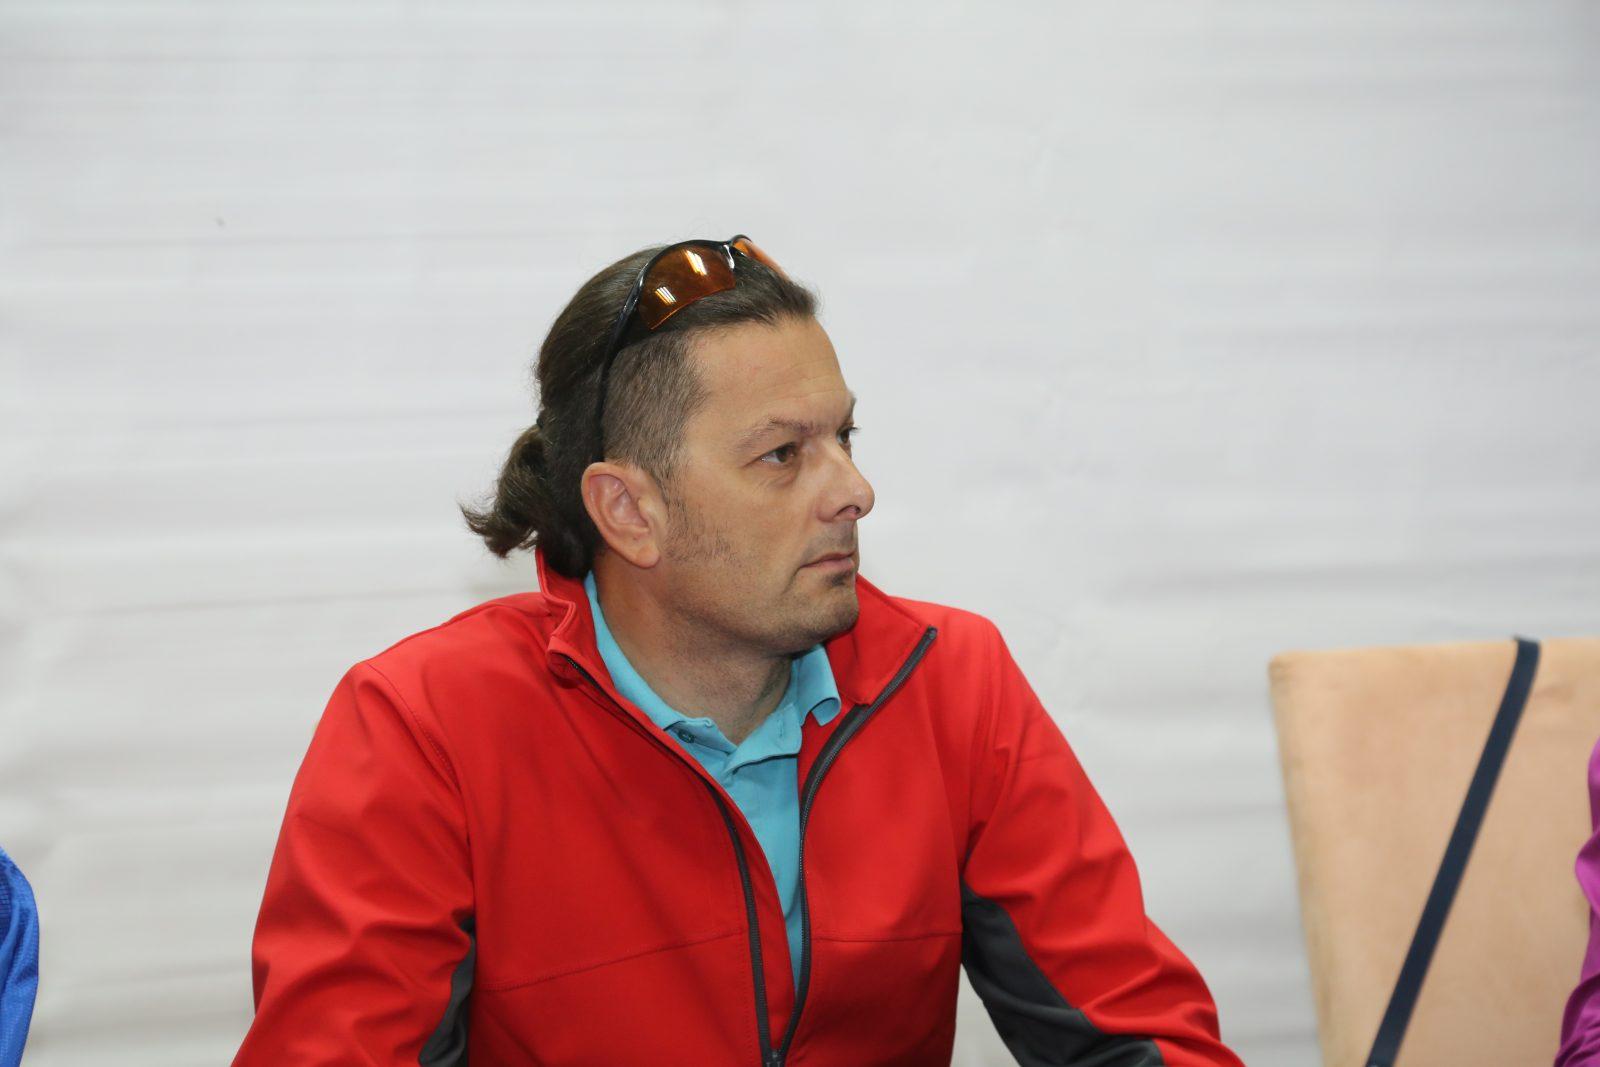 Nenad Ciglar